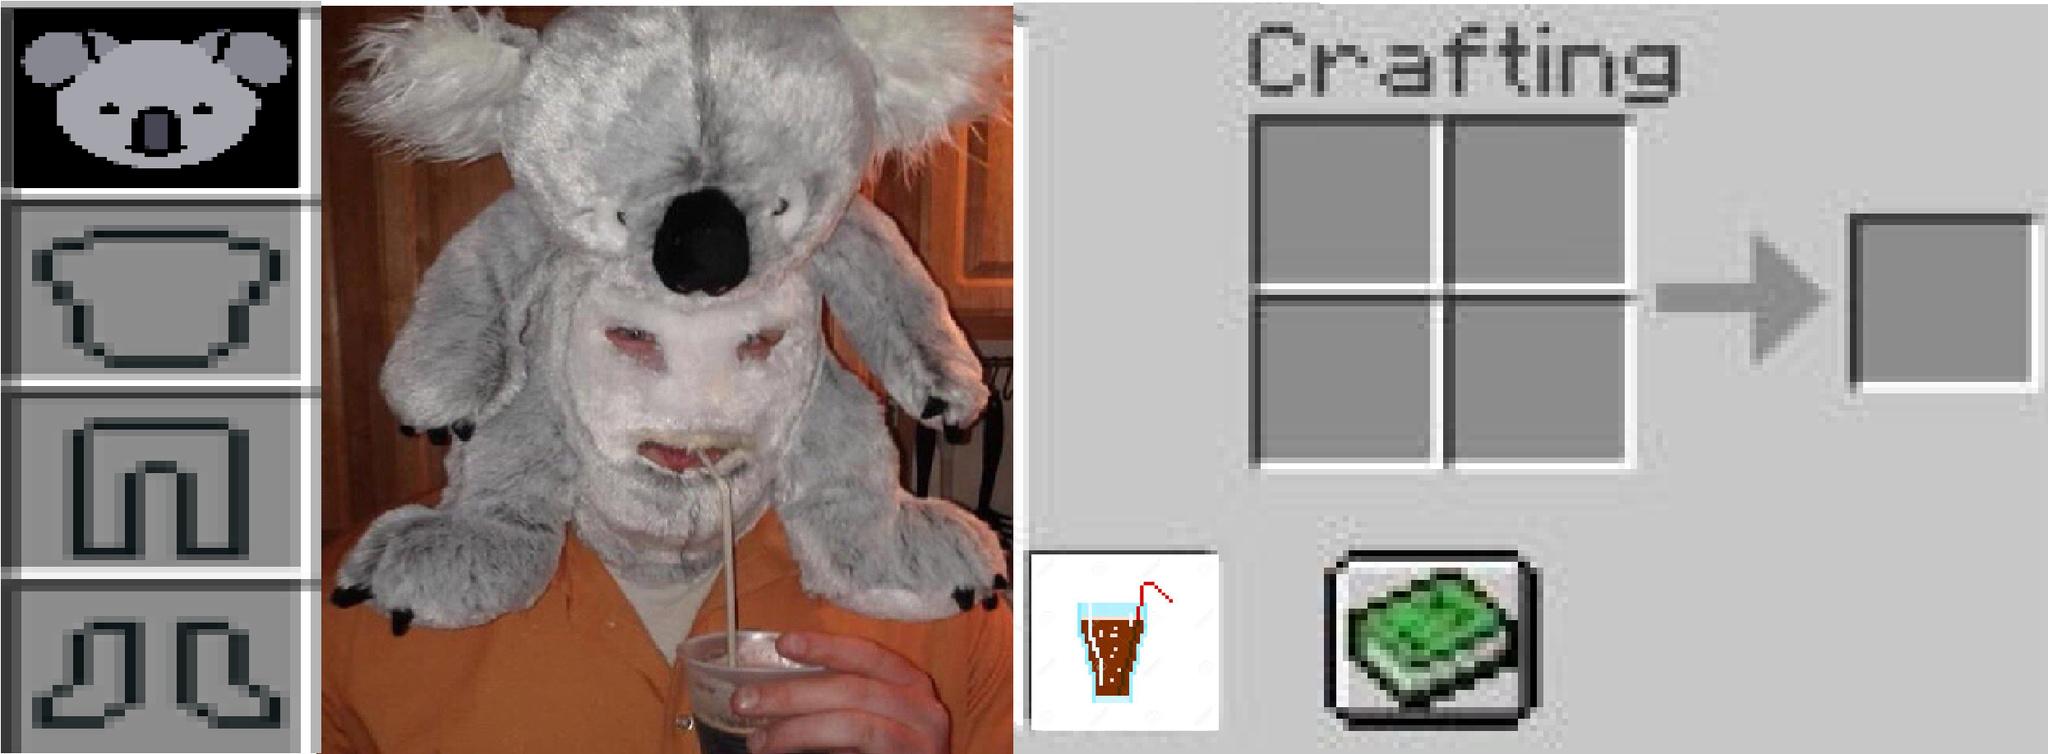 resultado de 30 minutos de edicion - meme